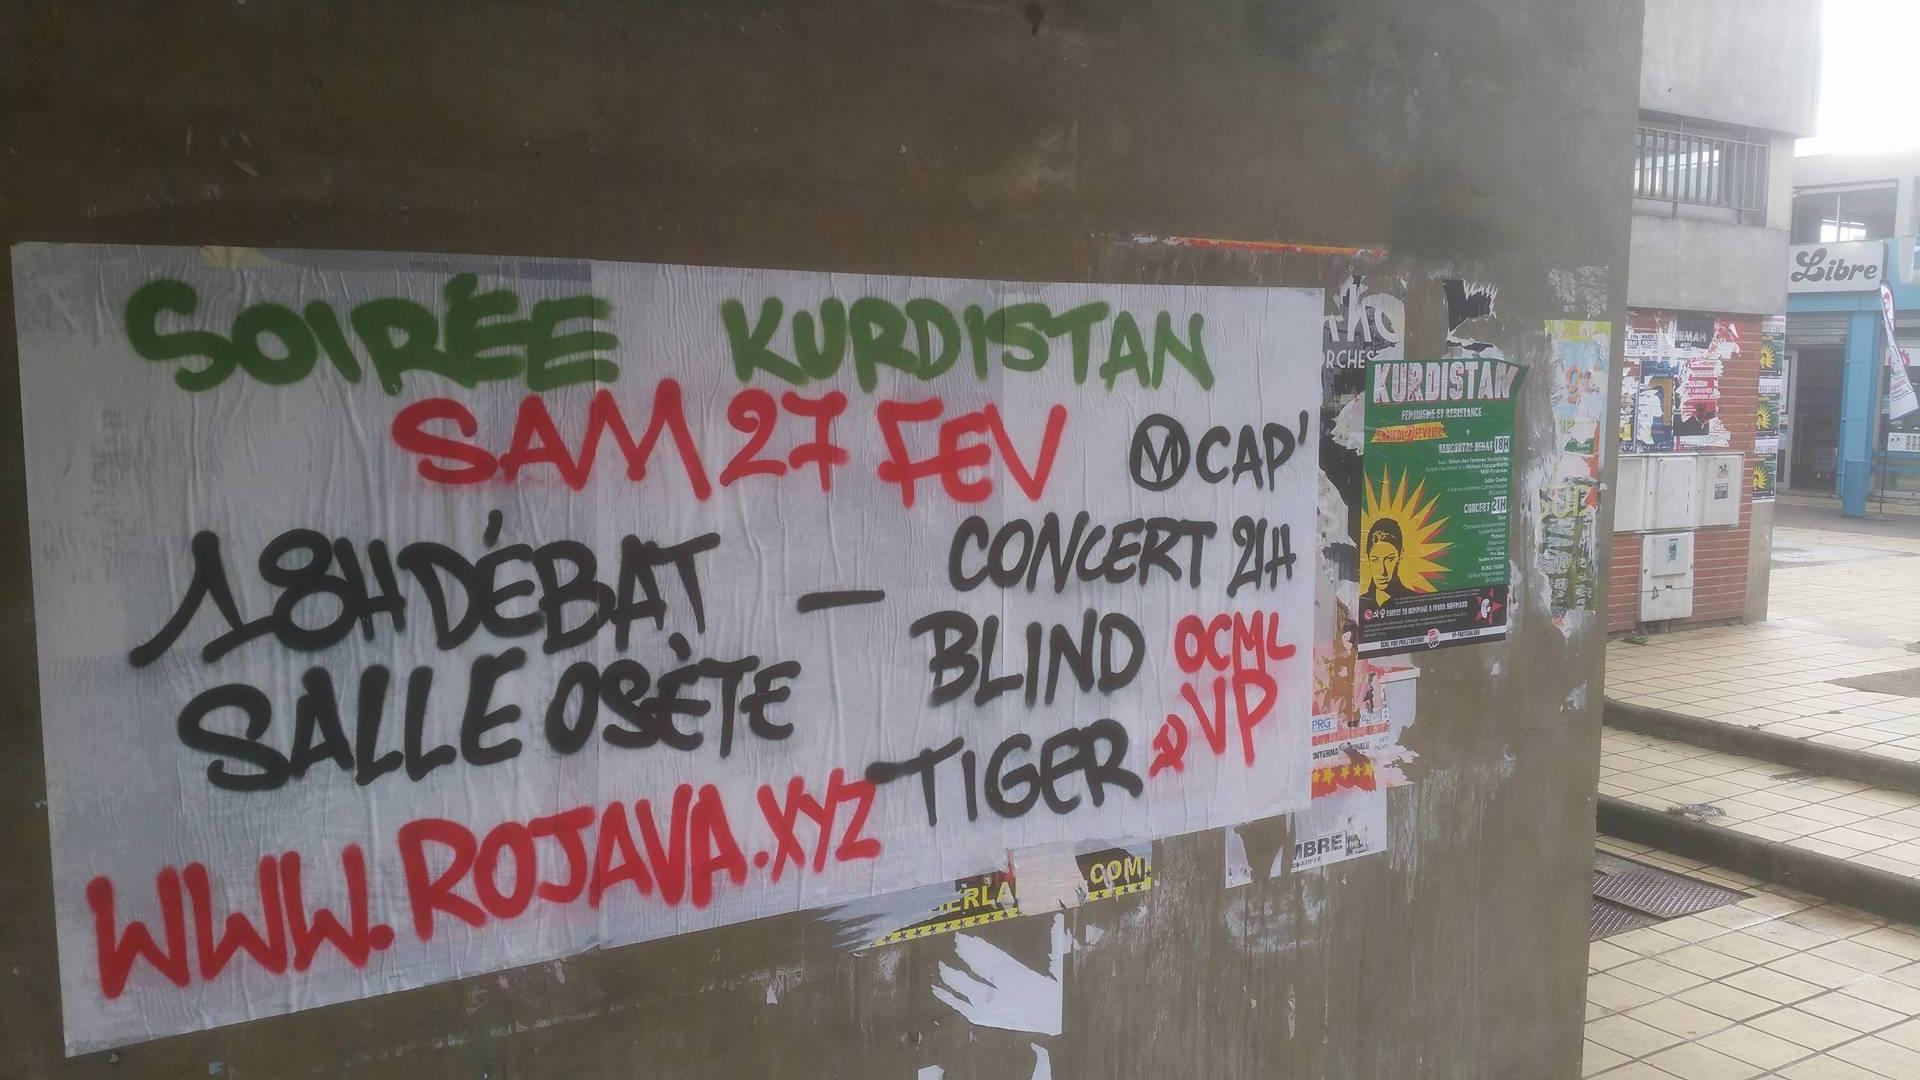 Toulouse : Soirée de soutien au Rojava ce samedi